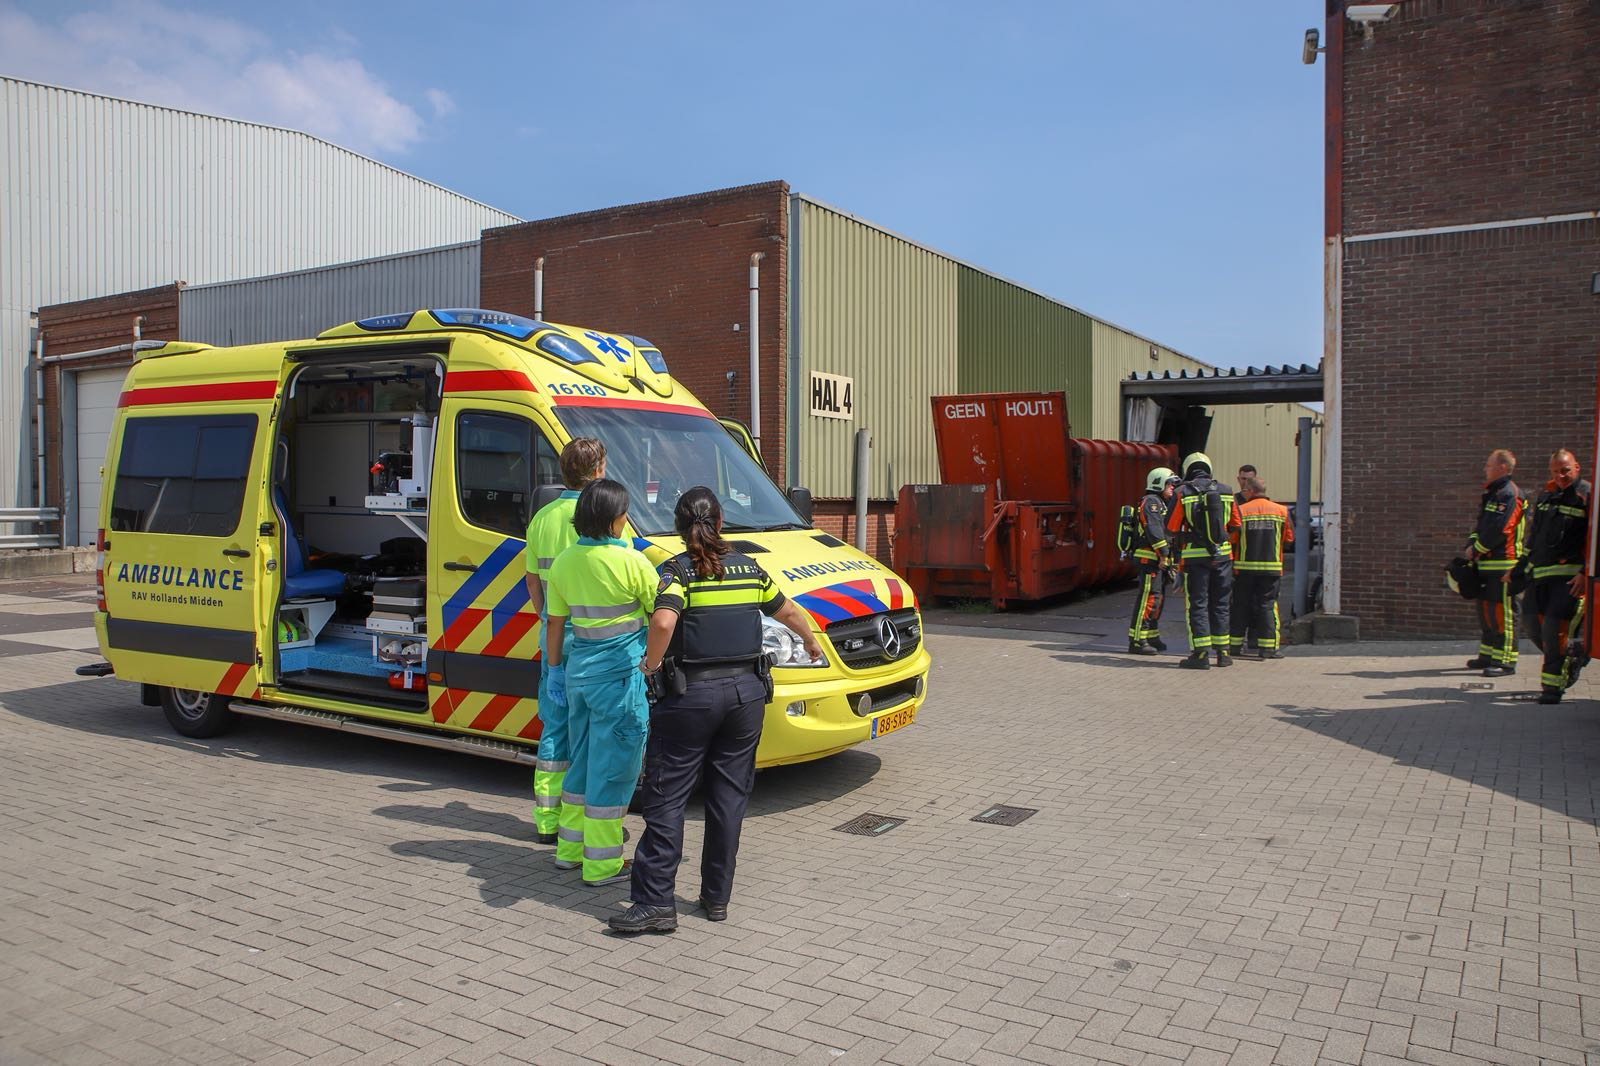 Politie vindt vermoedelijk drugslab in bedrijfspand Draadbaan Leiderdorp